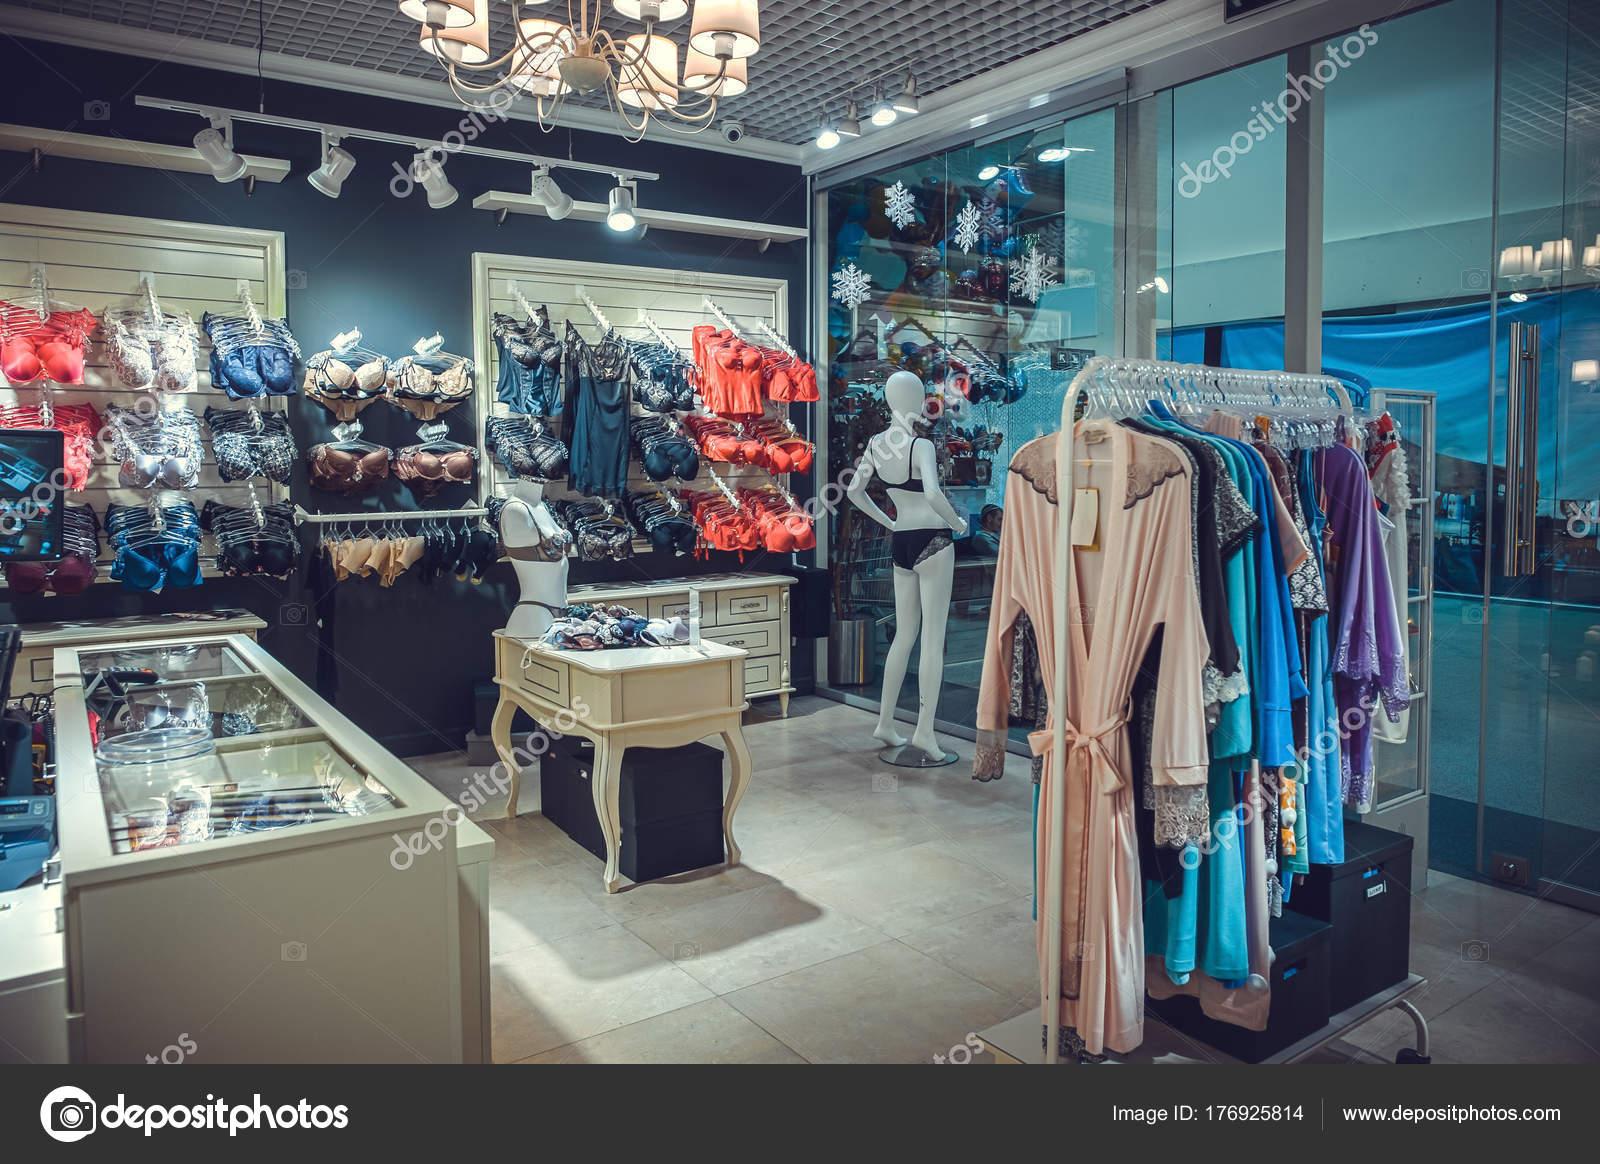 40fae23aa7 Interior de una tienda de ropa interior moderna colorida. Maniquí en bragas  y sujetadores y